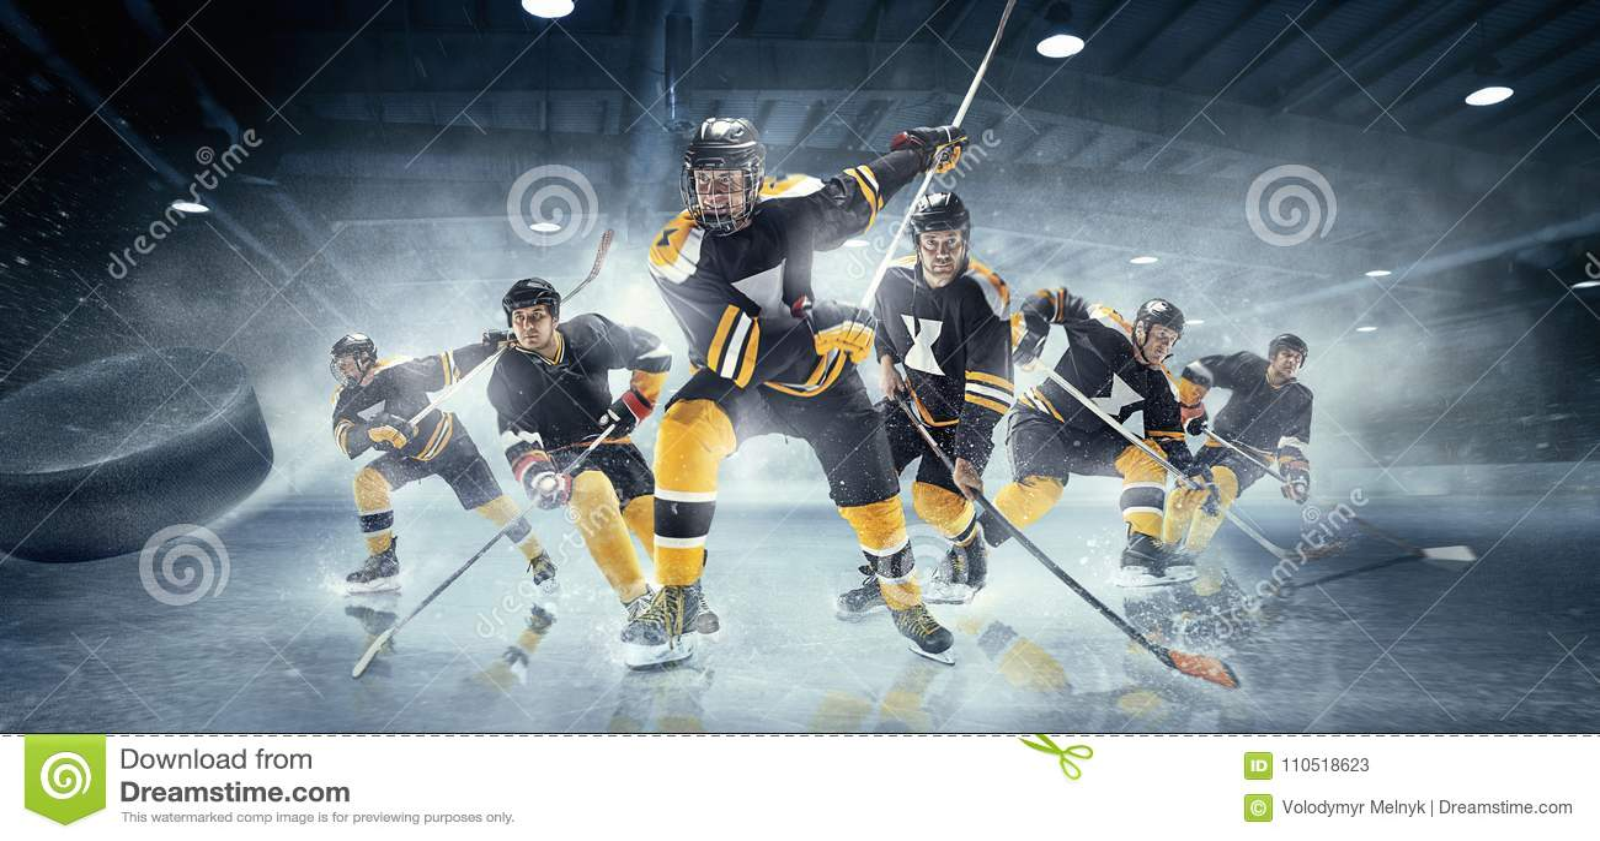 Collage om ishockeyspelare i handling